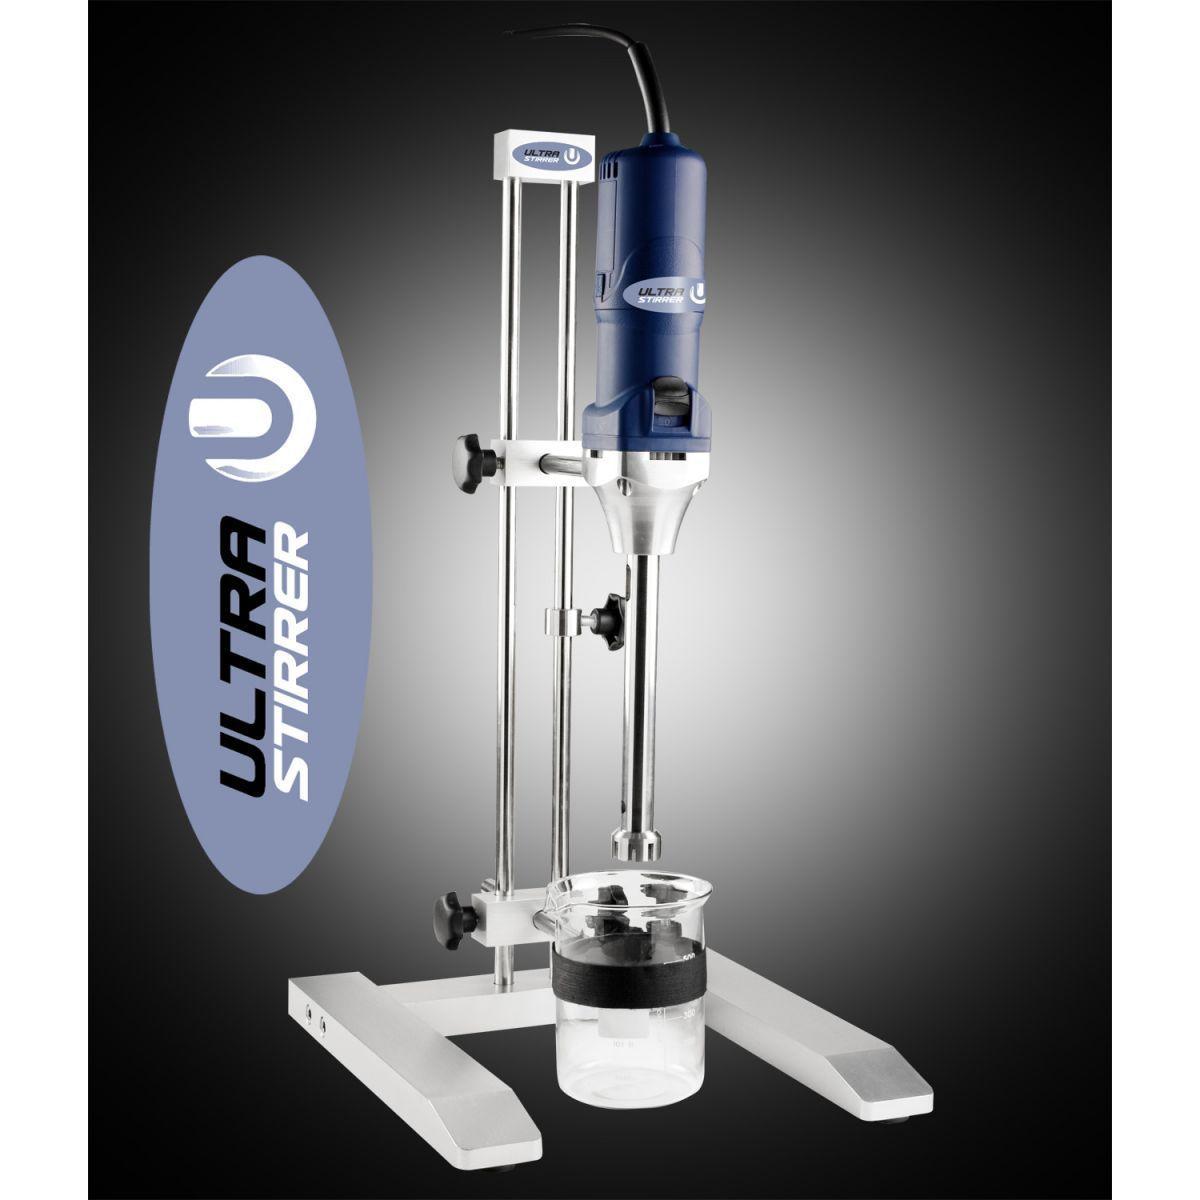 Homogenizador de Bancada para Microtubos, Velocidade Máx 29.000RPM, Com Ponteira de 5mm, Rotor/Estator Para Grandes Volumes, Suporte de bancada, 220volts - Modelo: ULTRA-380 H5